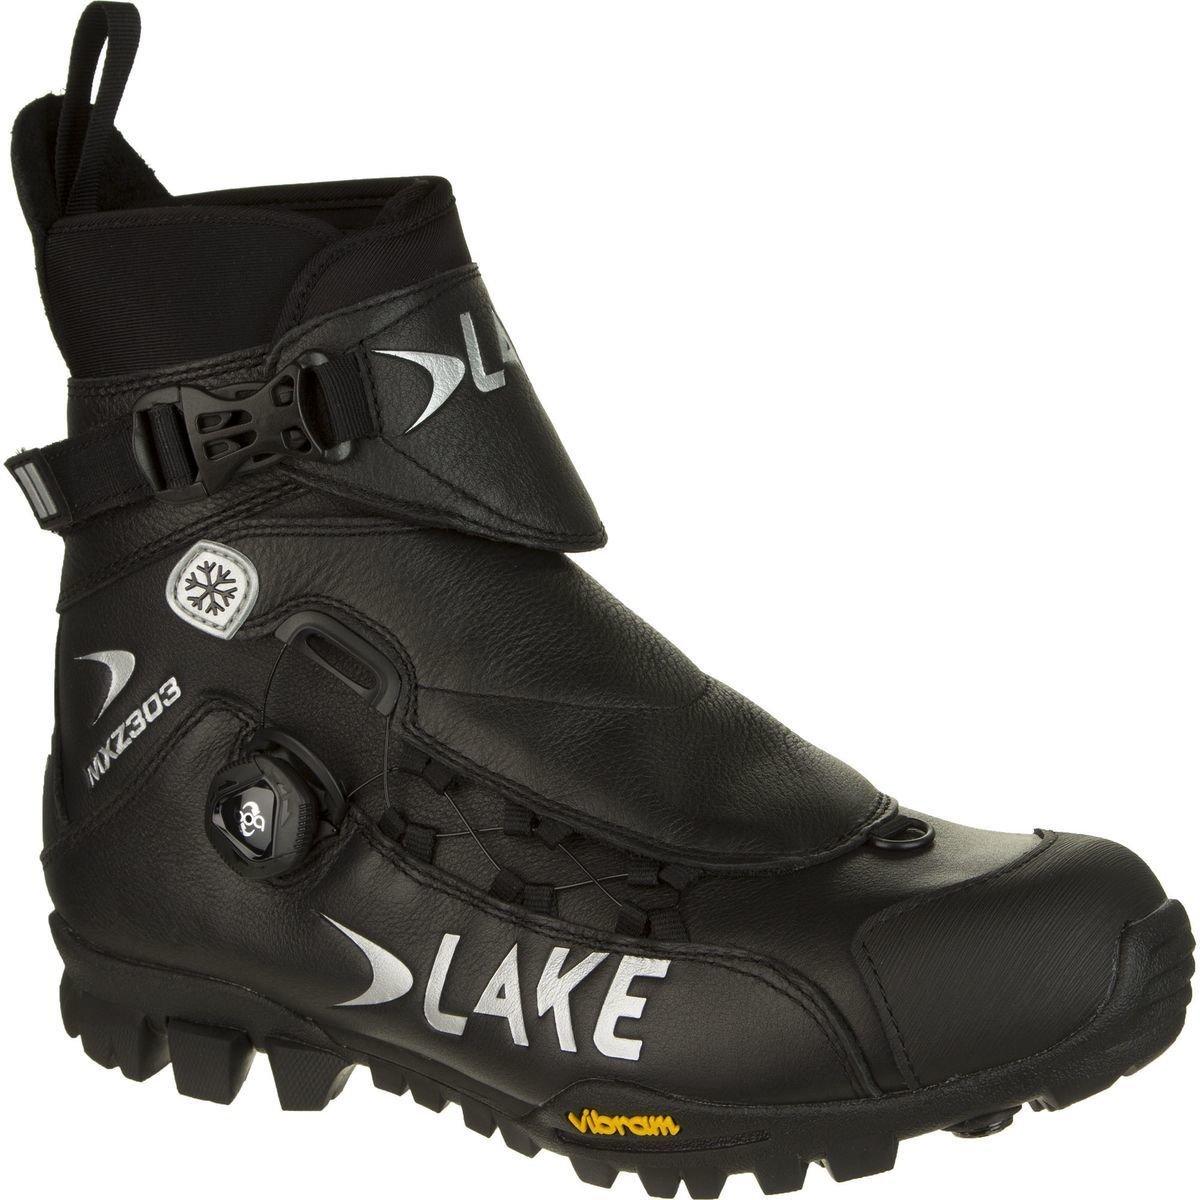 LAKE CYCLING MXZ303-X Wide, Color: Black, Size: 45 (3011973) by Lake Cycling